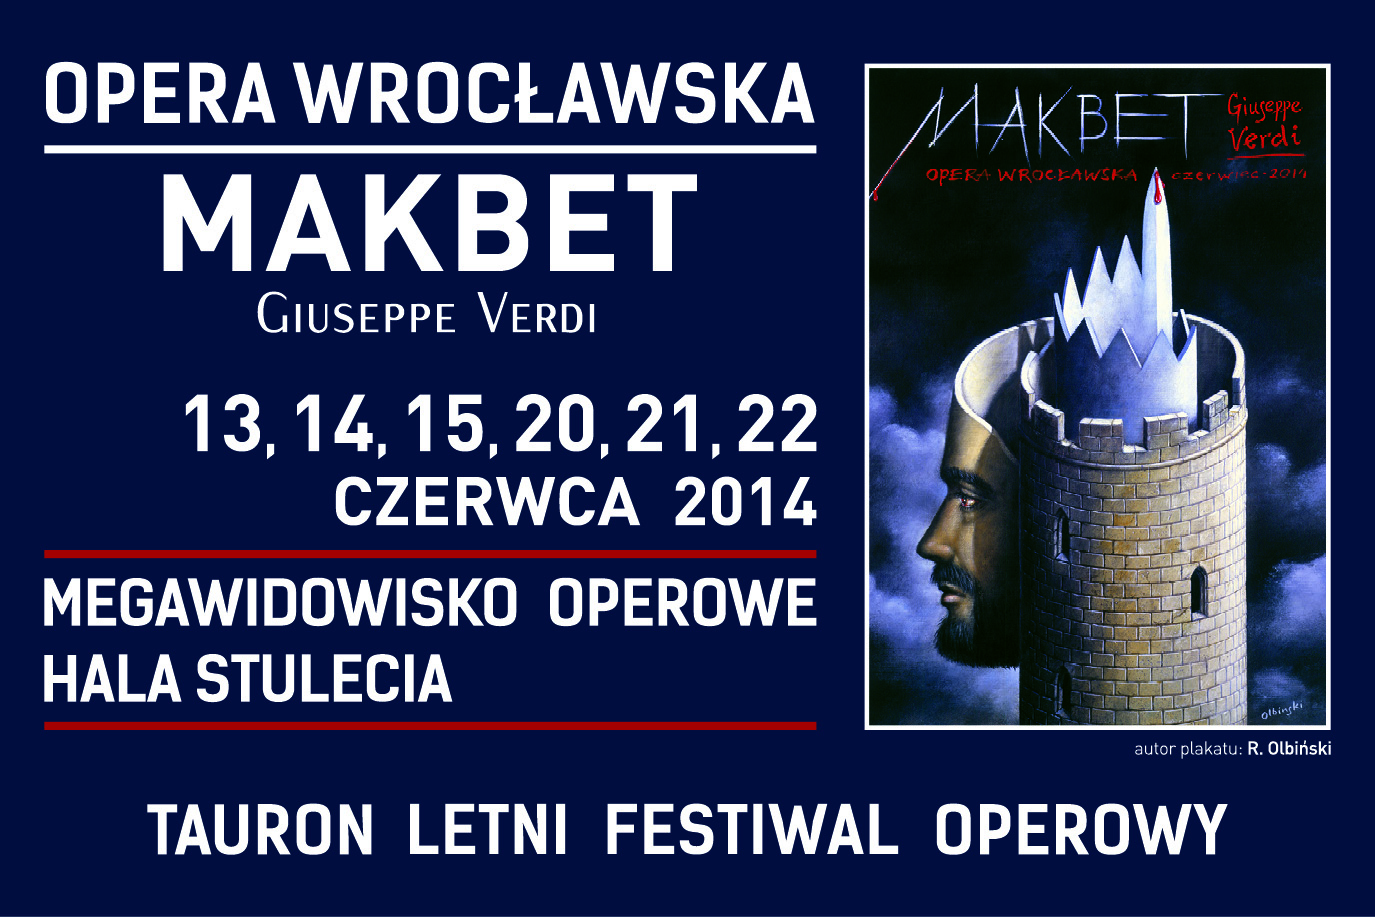 Kierownictwo muzyczne - dyrygent  Ewa Michnik